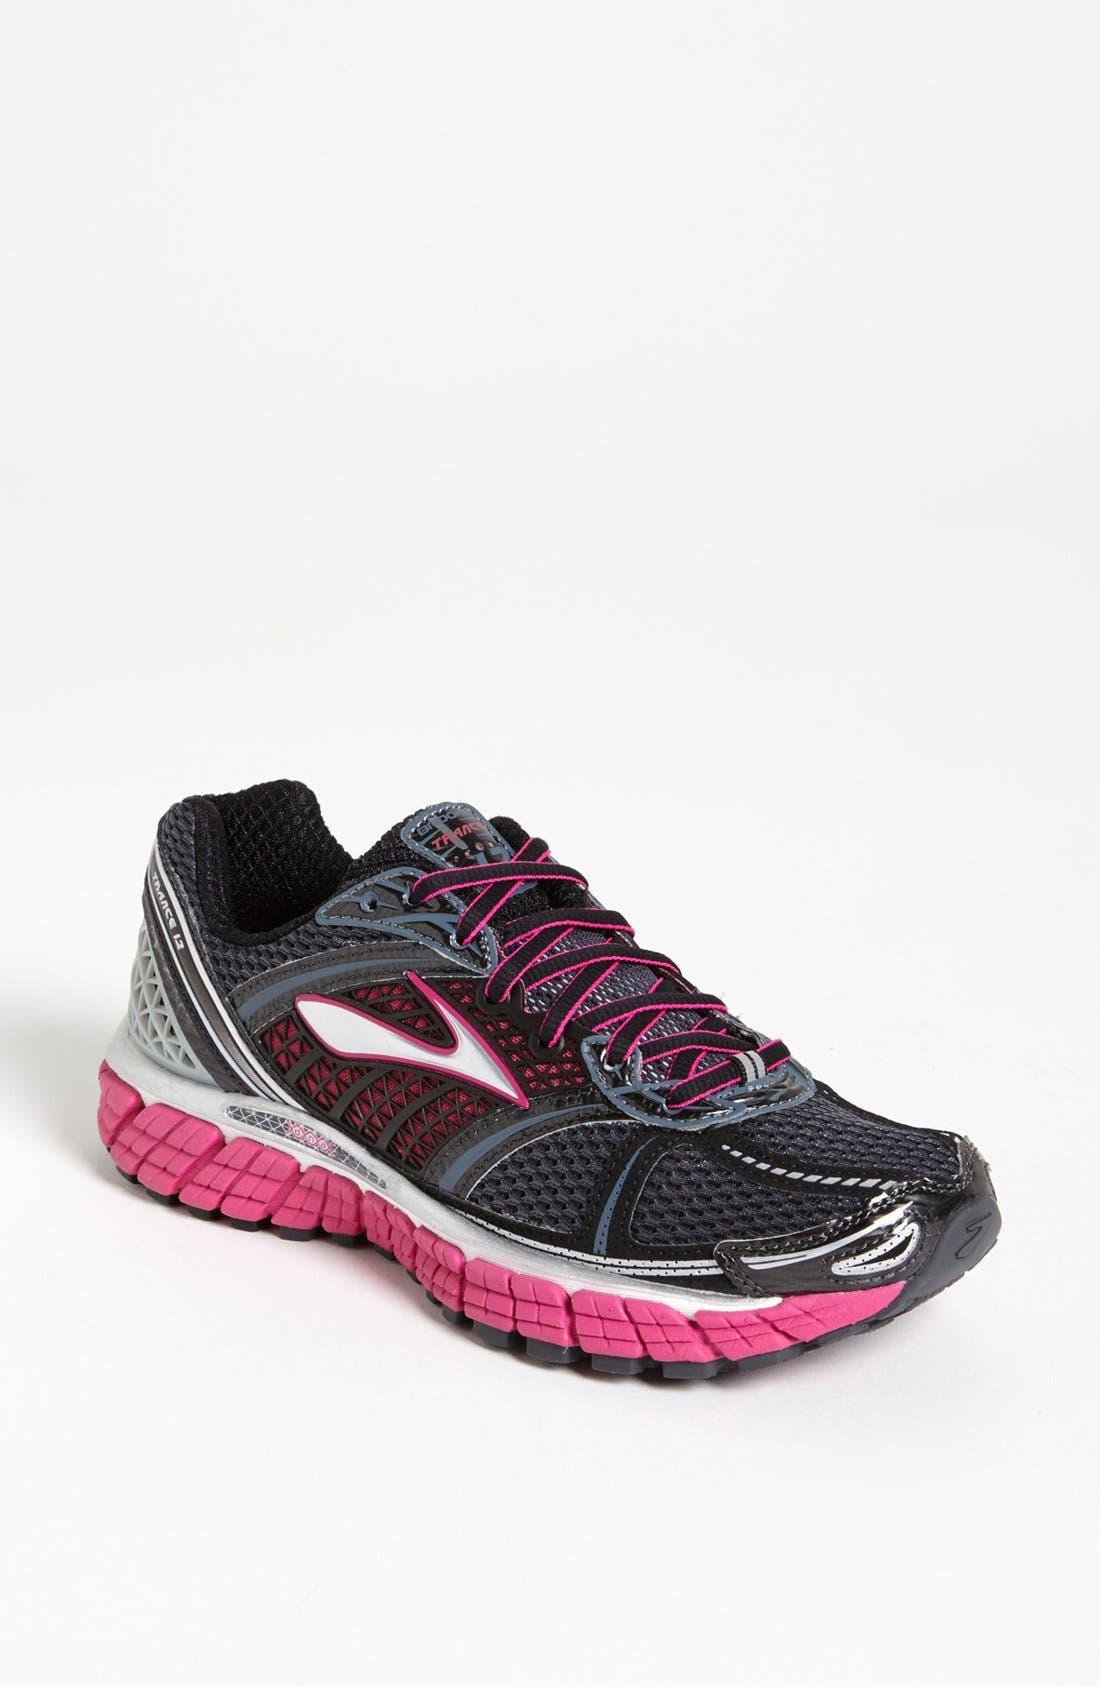 Main Image - Brooks 'Trance 12' Running Shoe (Women)(Regular Retail Price: $149.95)